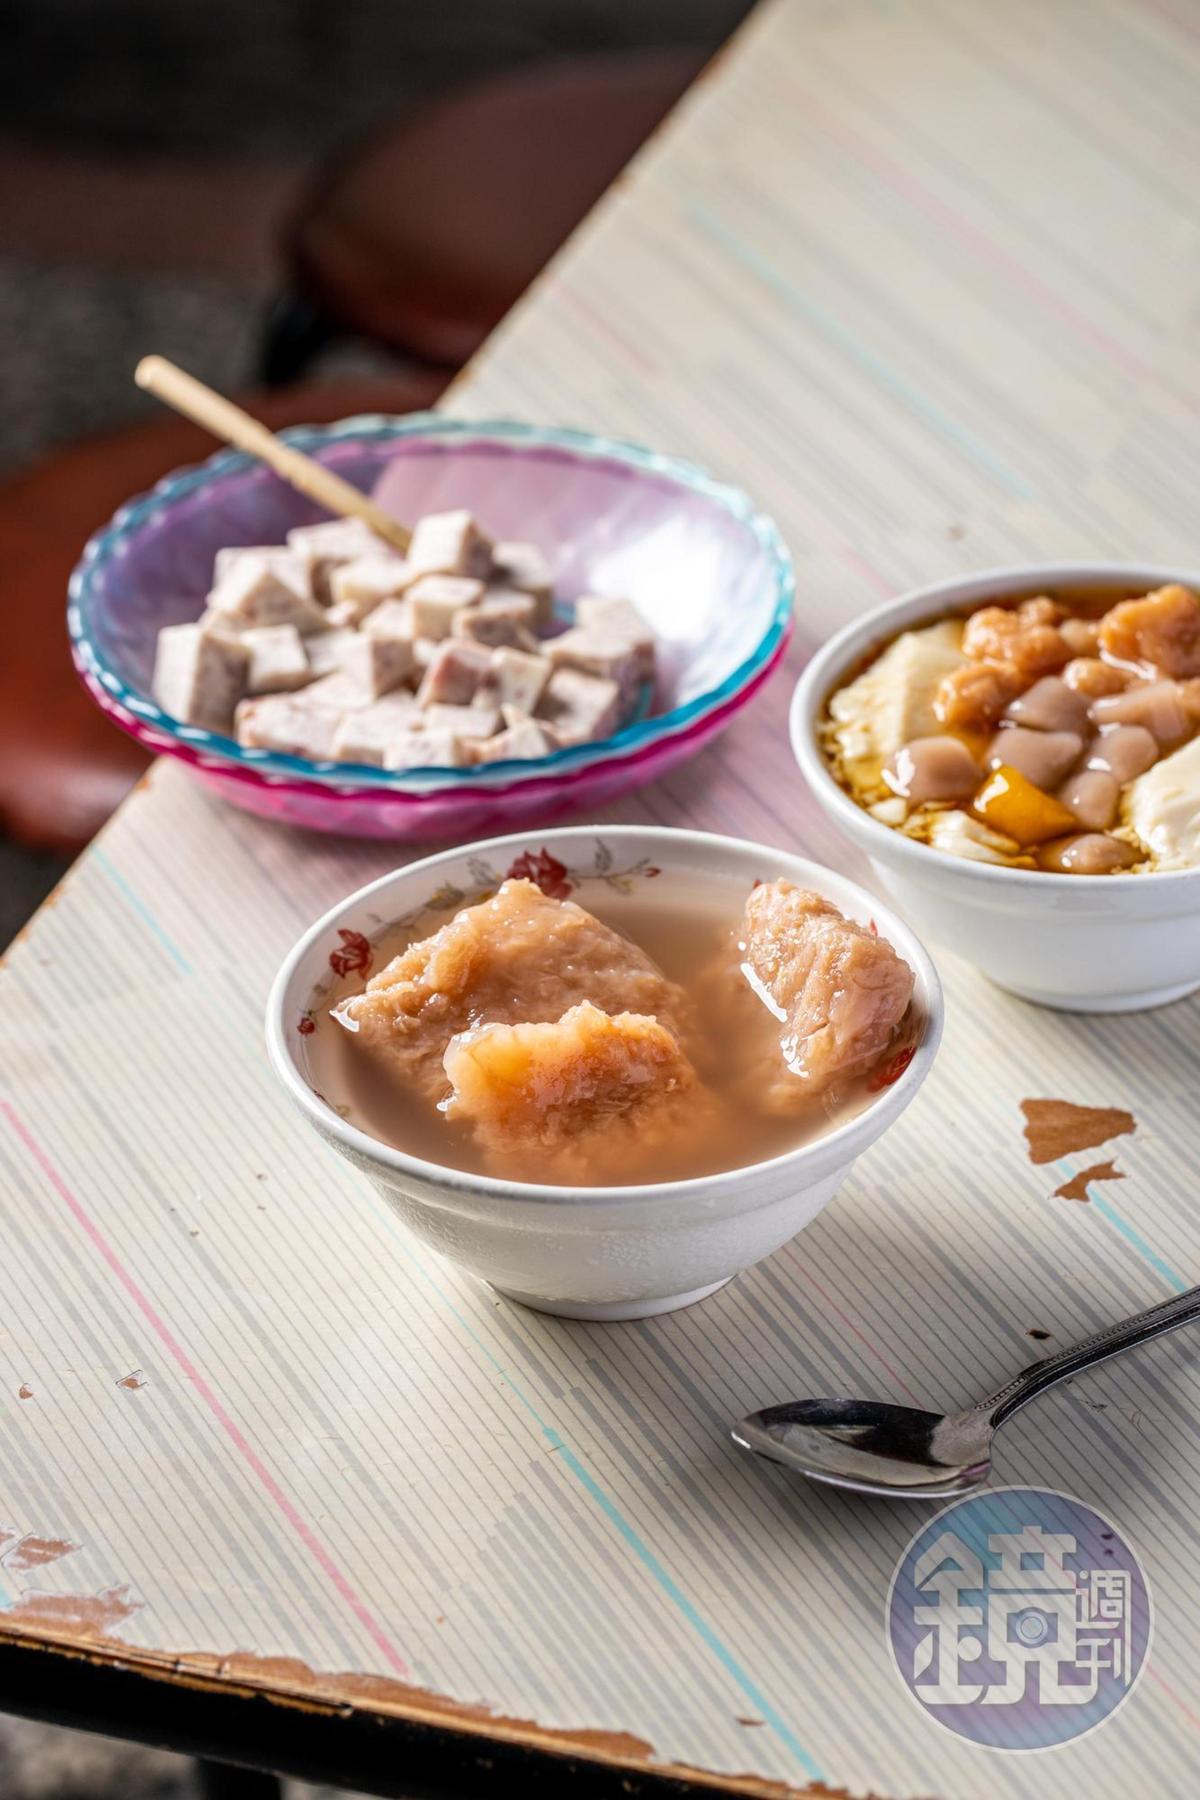 「冷凍芋」是欣豐的起家元老,蜜得極入味,甜味乾淨(中,35元/碗);「芋頭芋圓豆花」(右,30元/碗)豆花沖漿時打入空氣,口感輕盈。